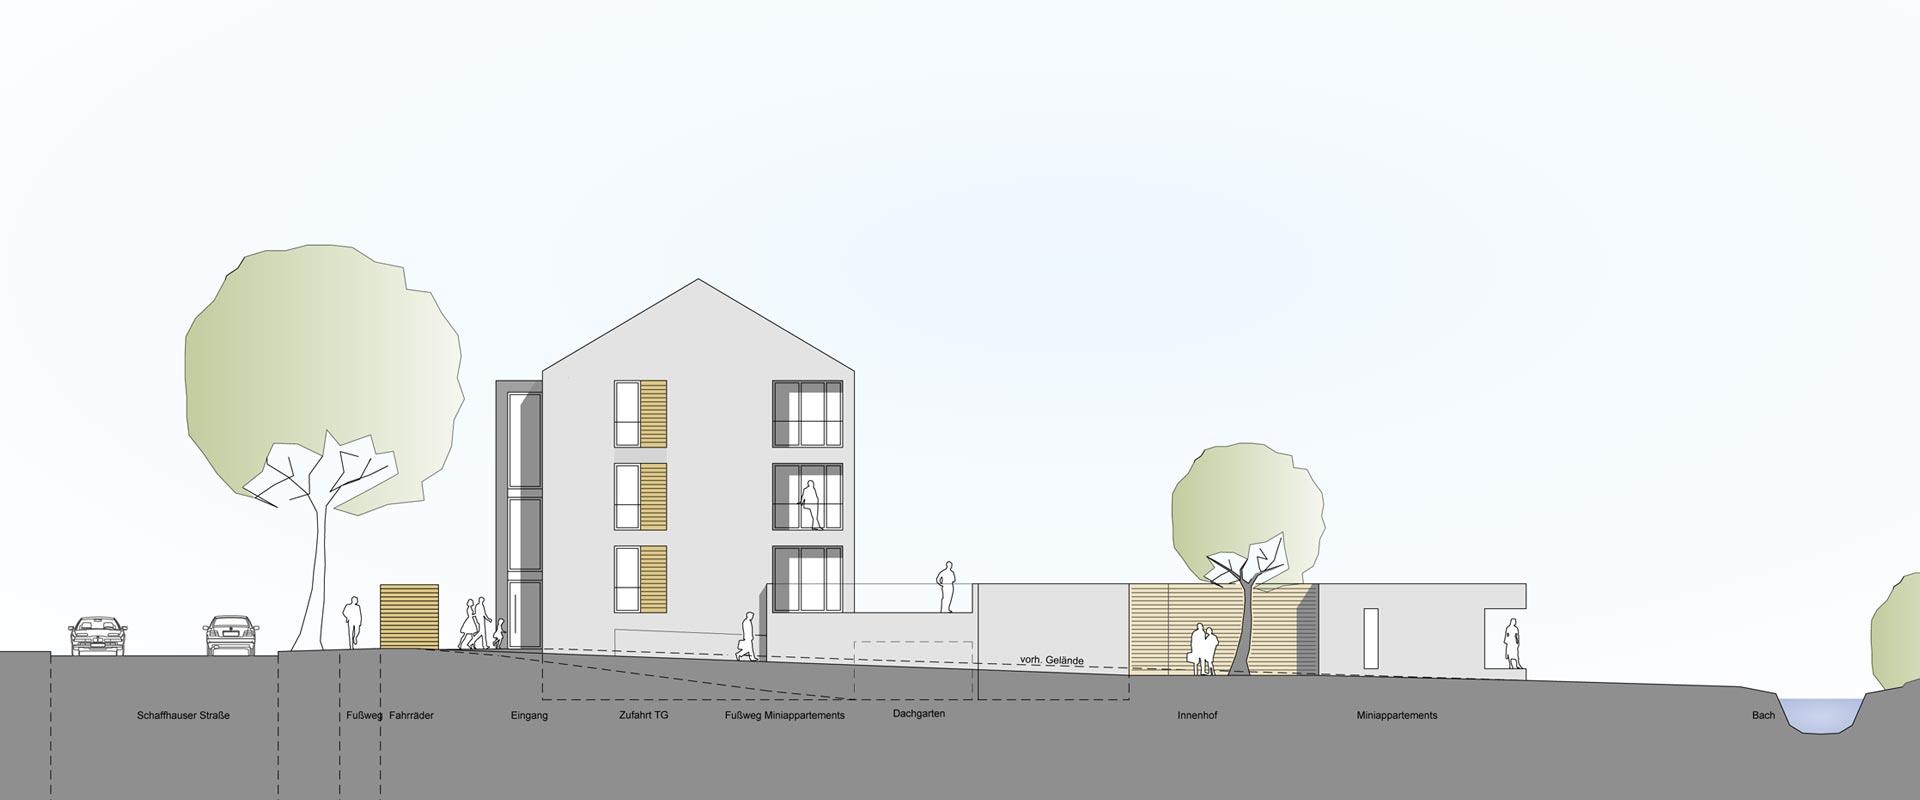 Architekturbüro Musahl Waldshut Wohnanlage Schaffhauser Straße in Tiengen Ansicht